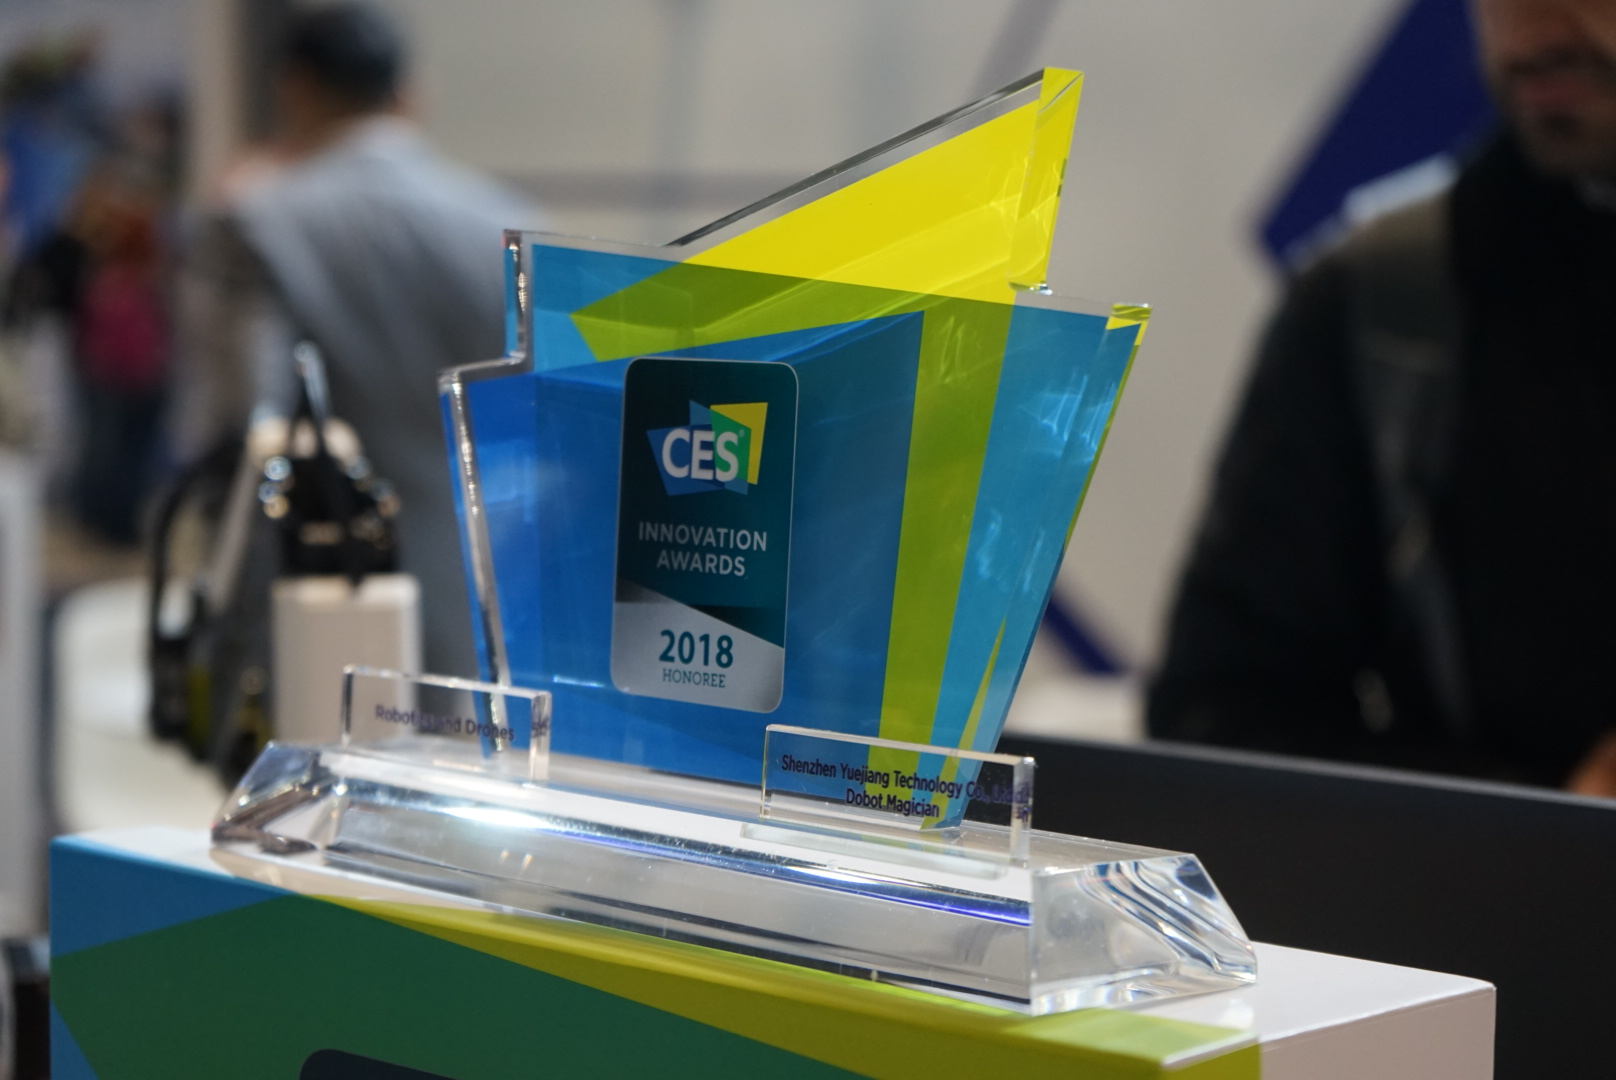 DOBOT CES 2018 award